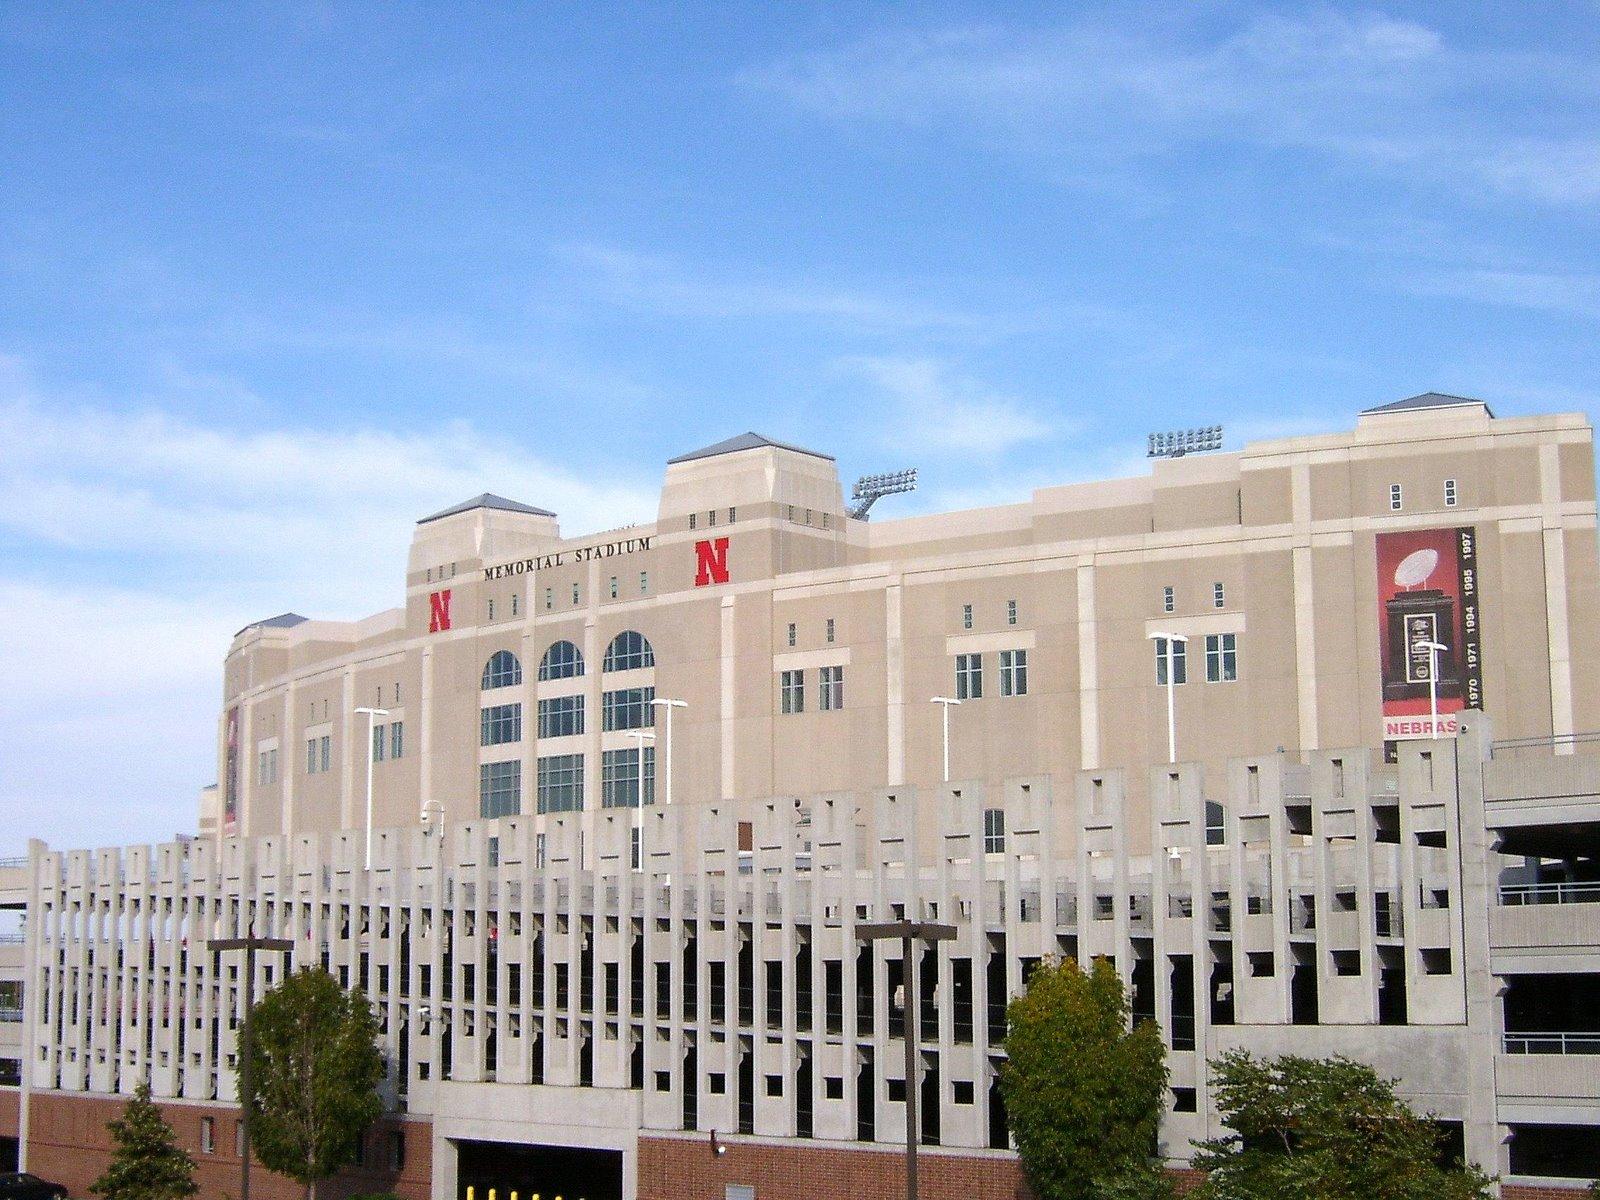 UNL+memorial+stadium+pic+1.jpg